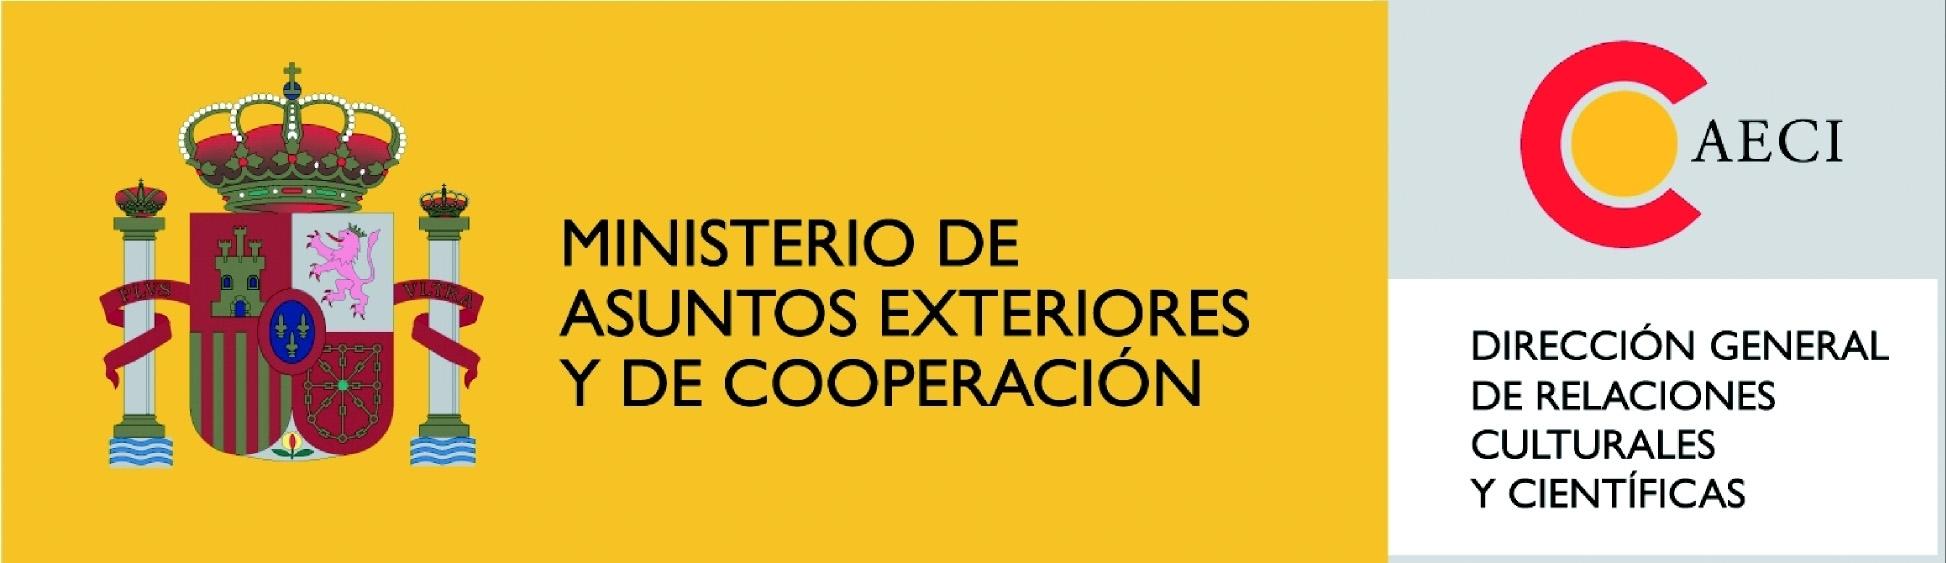 Logo Ministerio Asuntos Exteriores